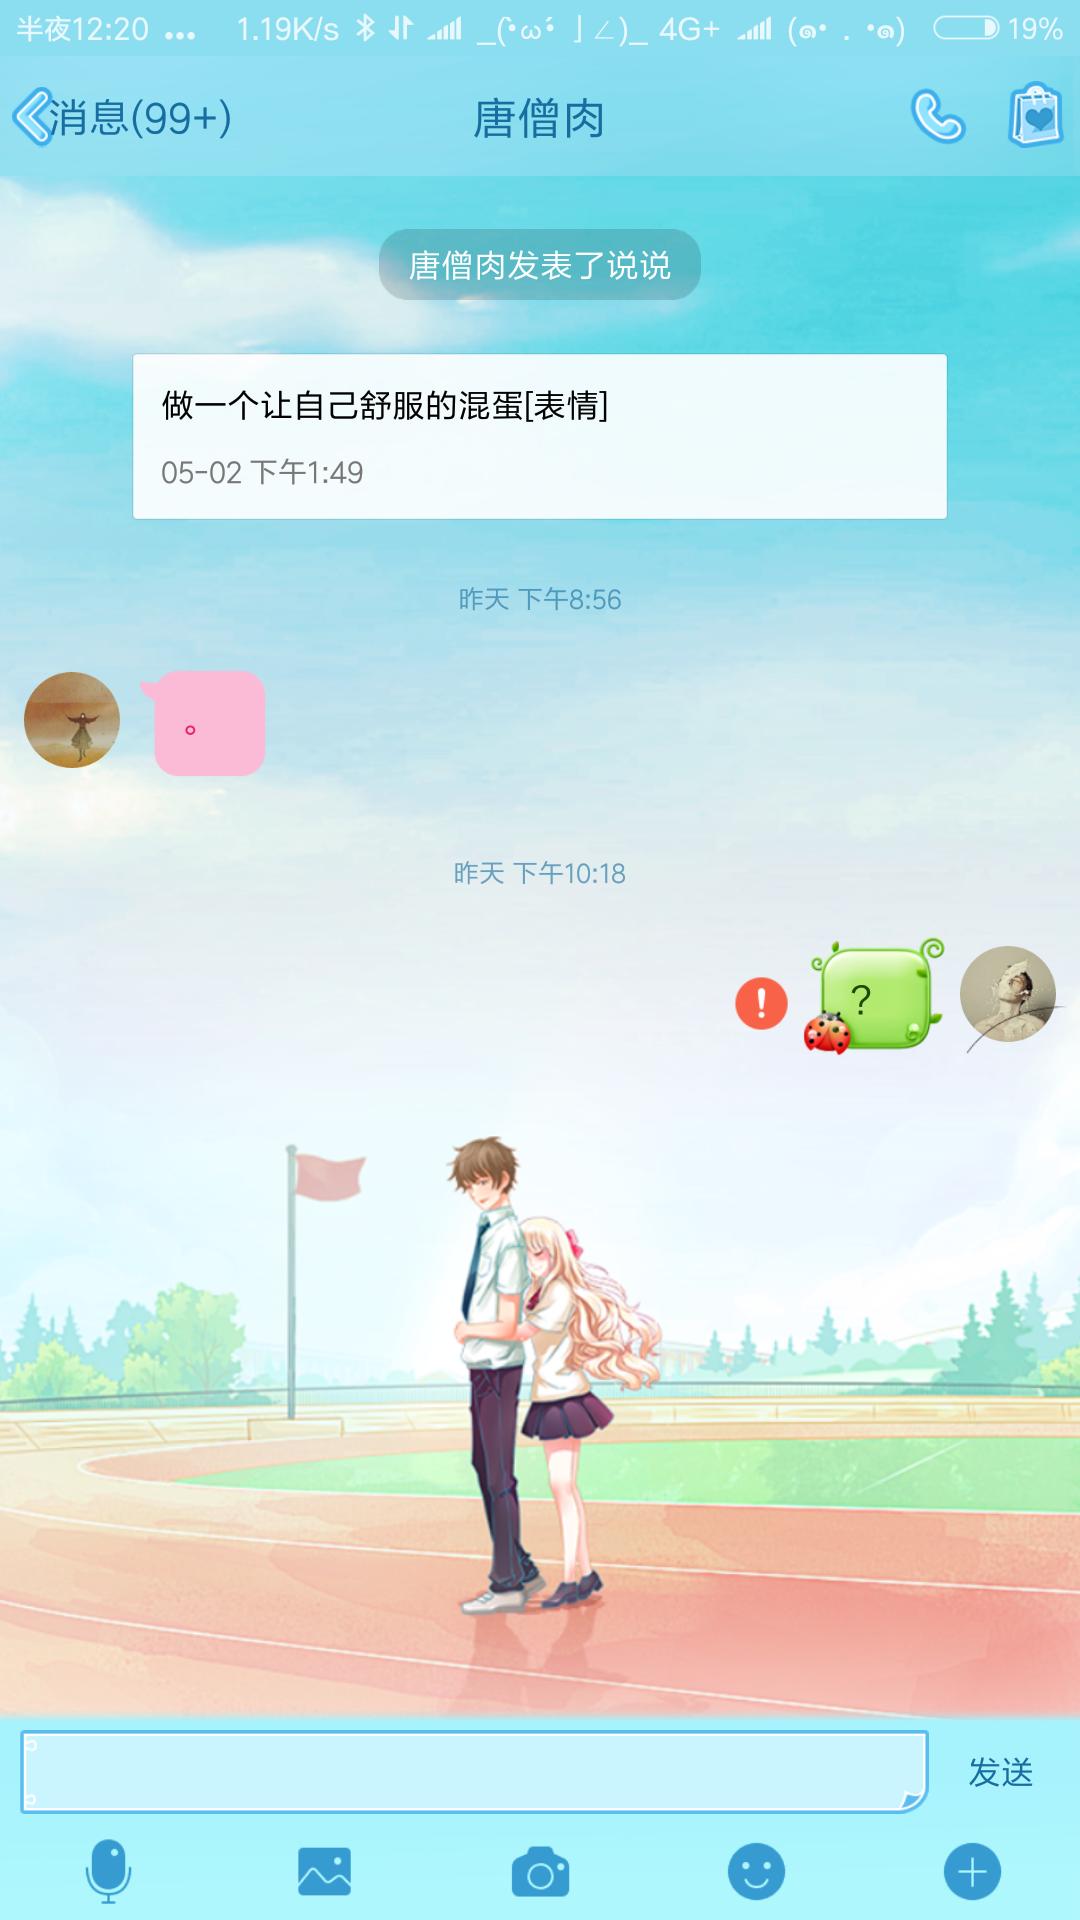 手机QQ出现服务器故障 发消息显示红色感叹号